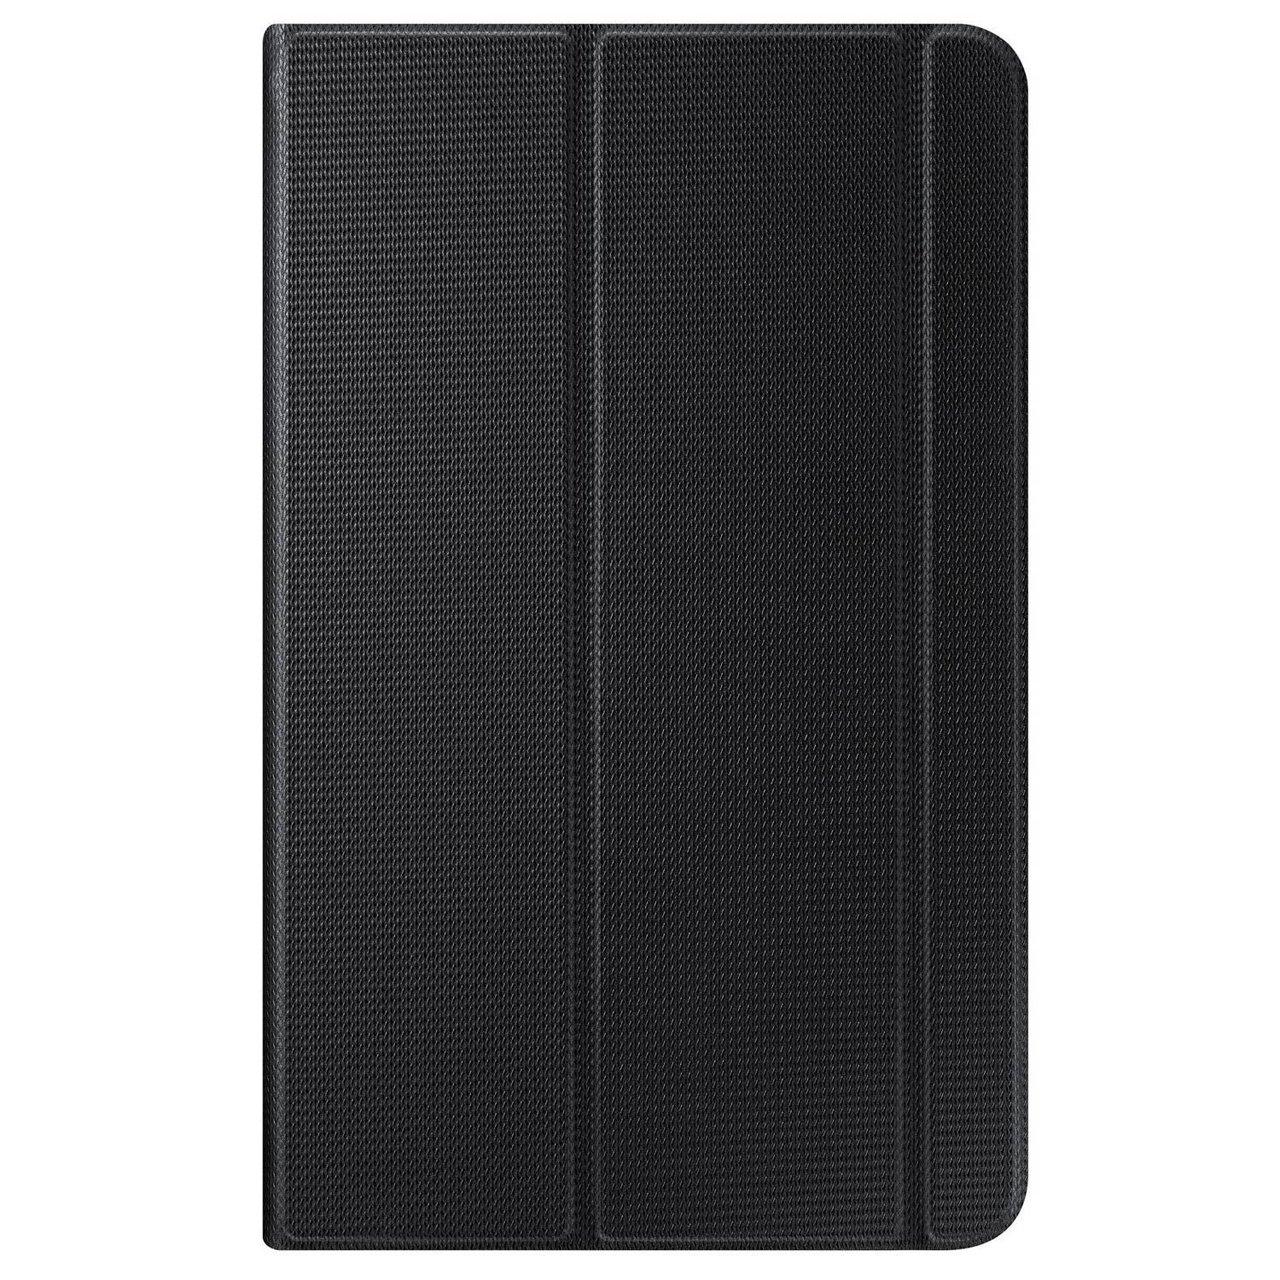 کیف کلاسوری سامسونگ مدل Book Cover مناسب برای تبلت گلکسی Tab A10.1 P580/P585